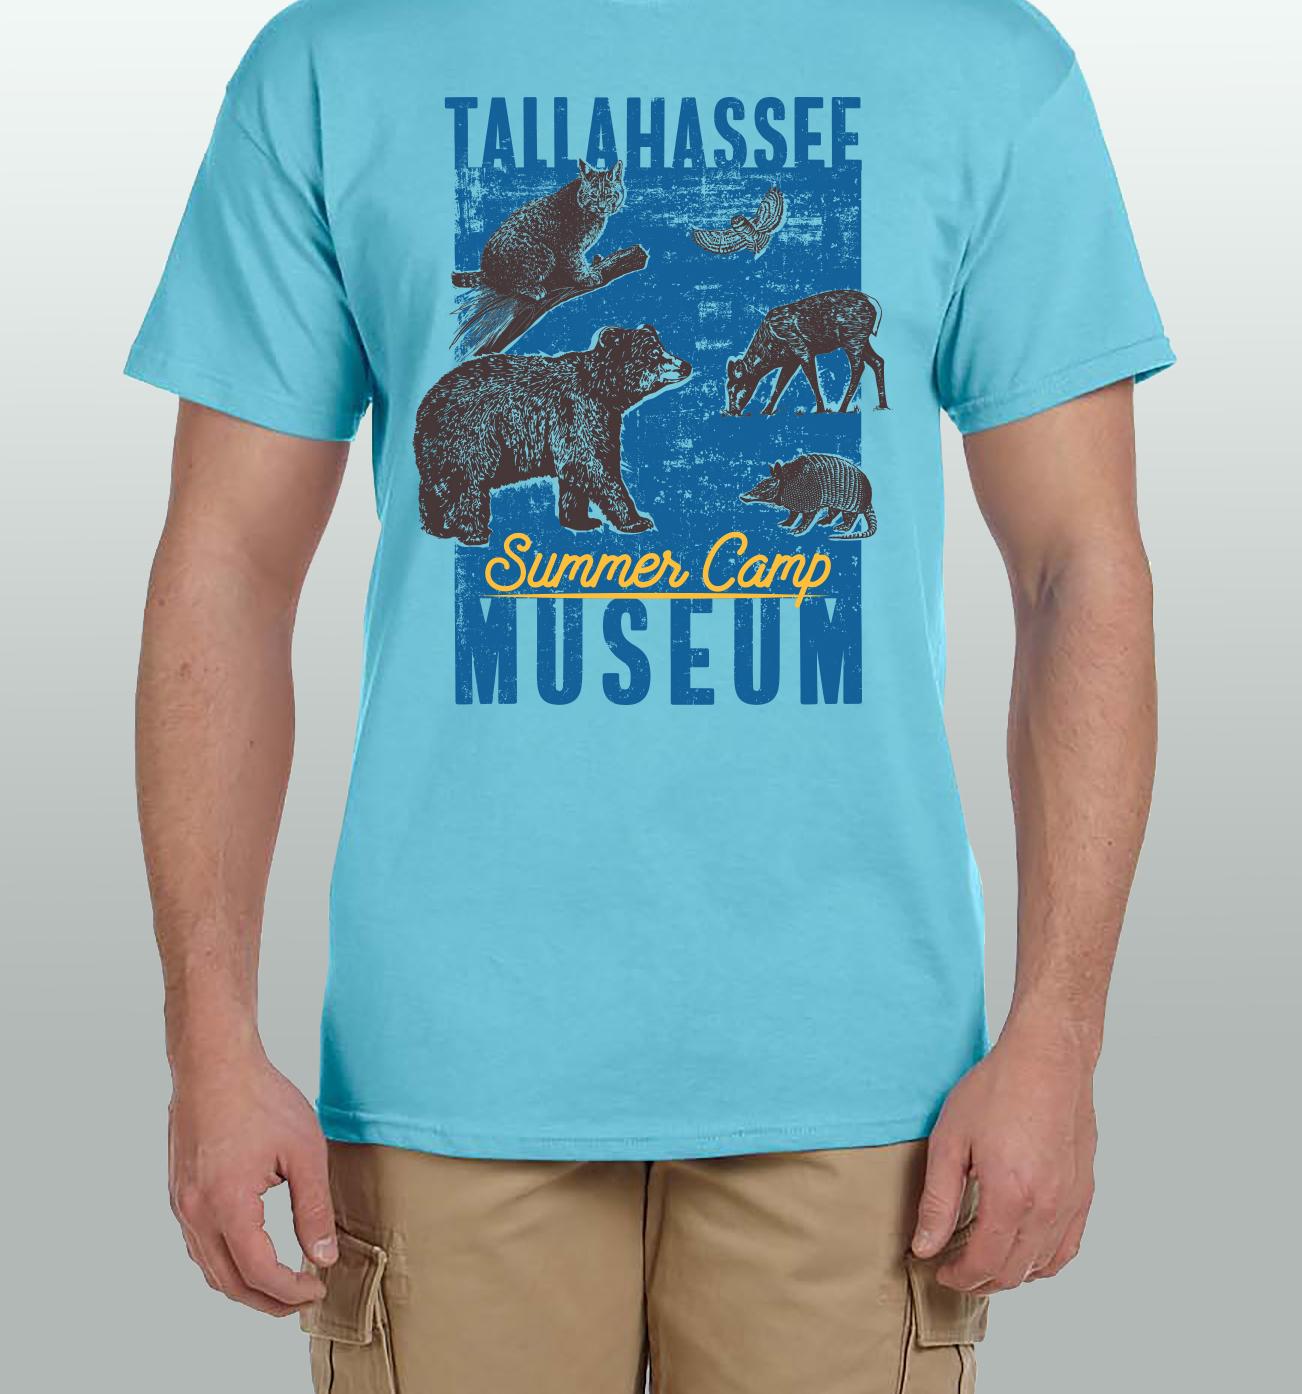 Tallahassee Museum Shirt